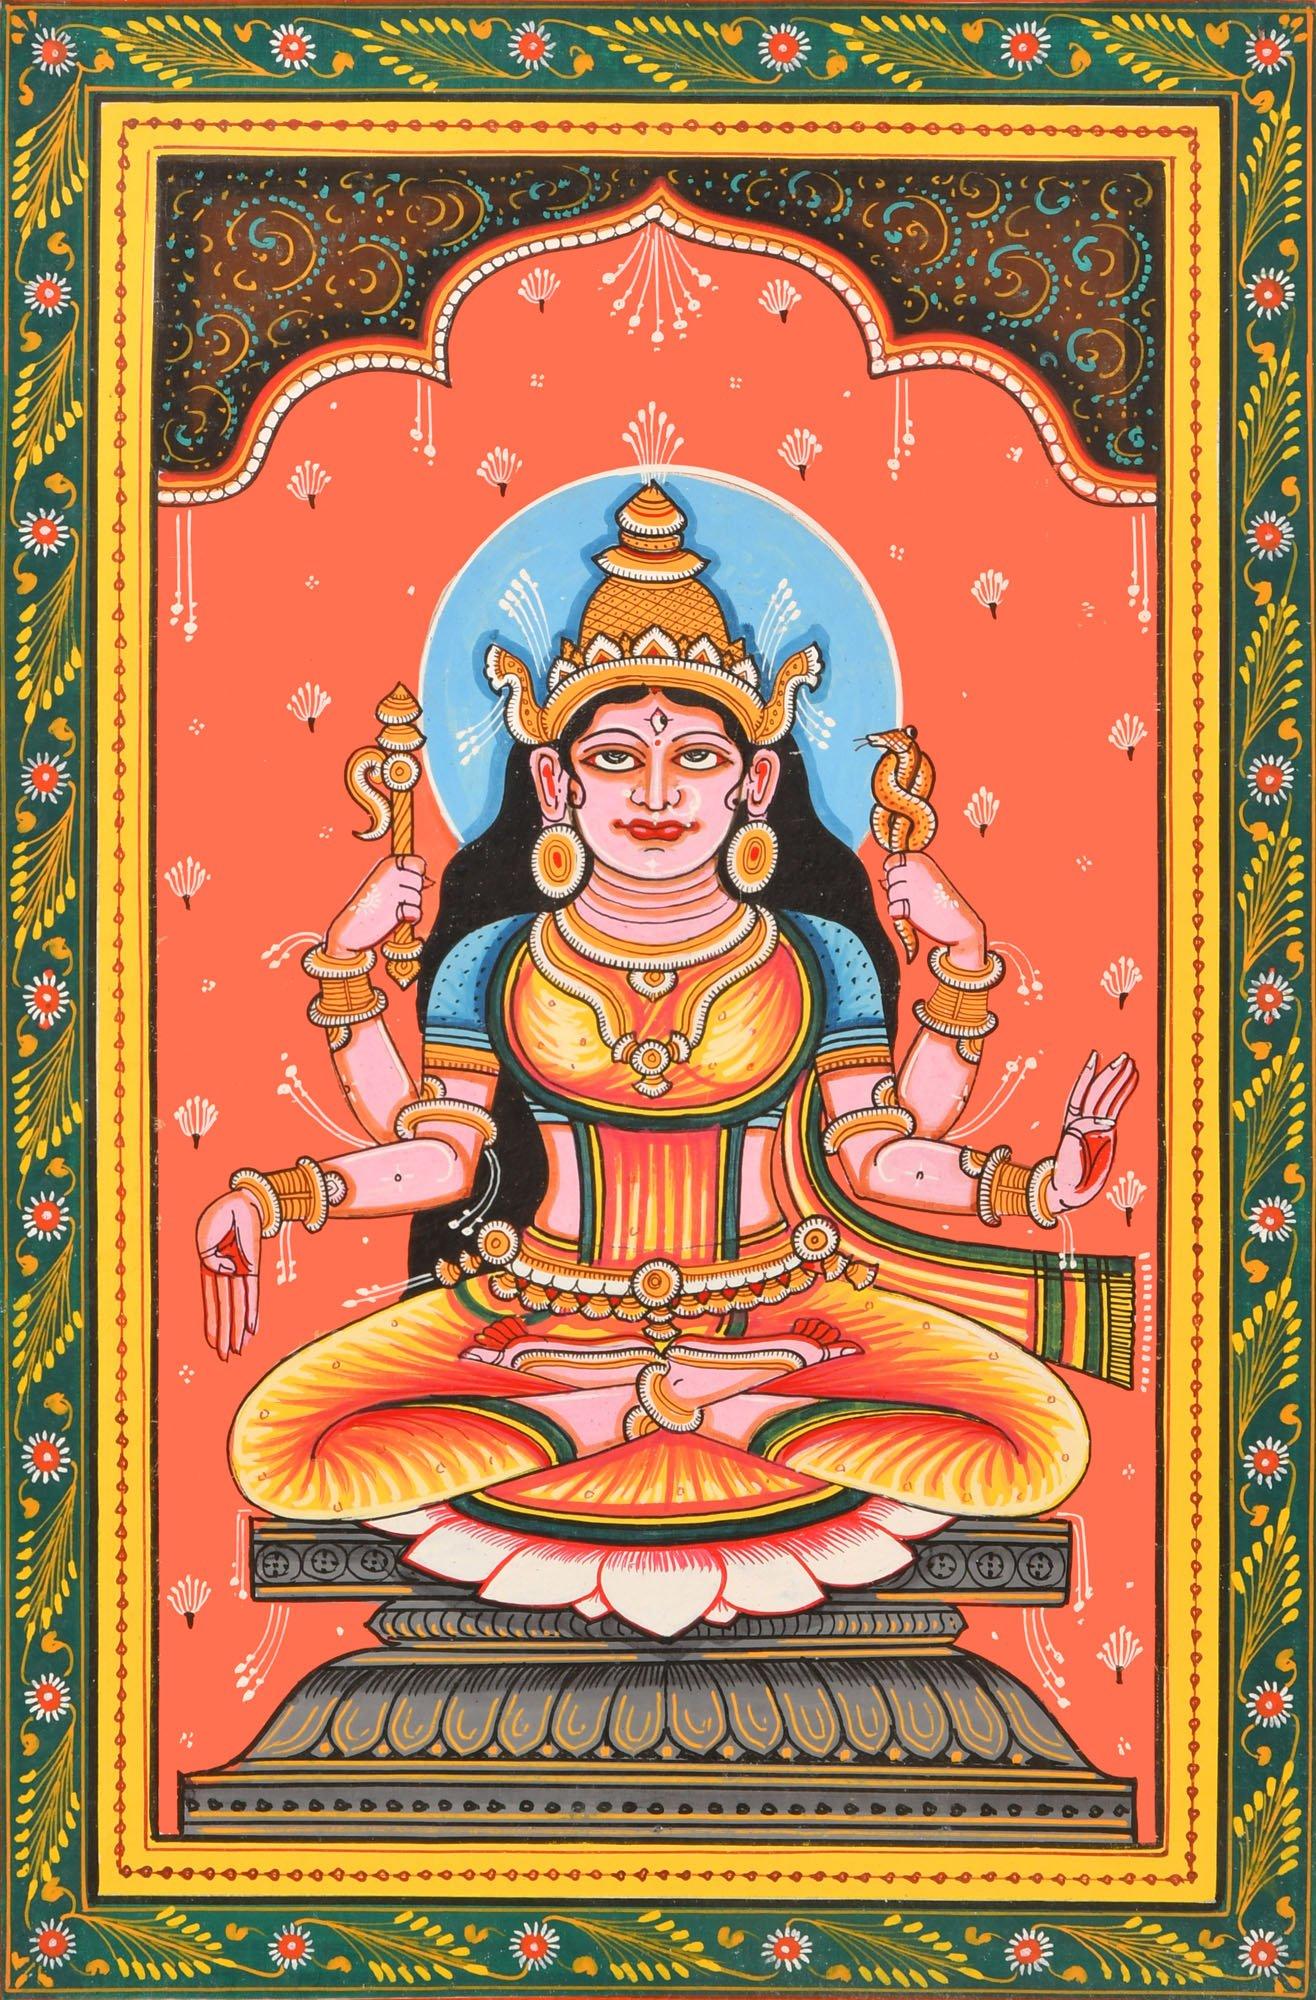 Goddess Bhuvaneshvari (Ten Mahavidyas) - Paata Painting on Patti - Folk Art From The Temple Town Pur